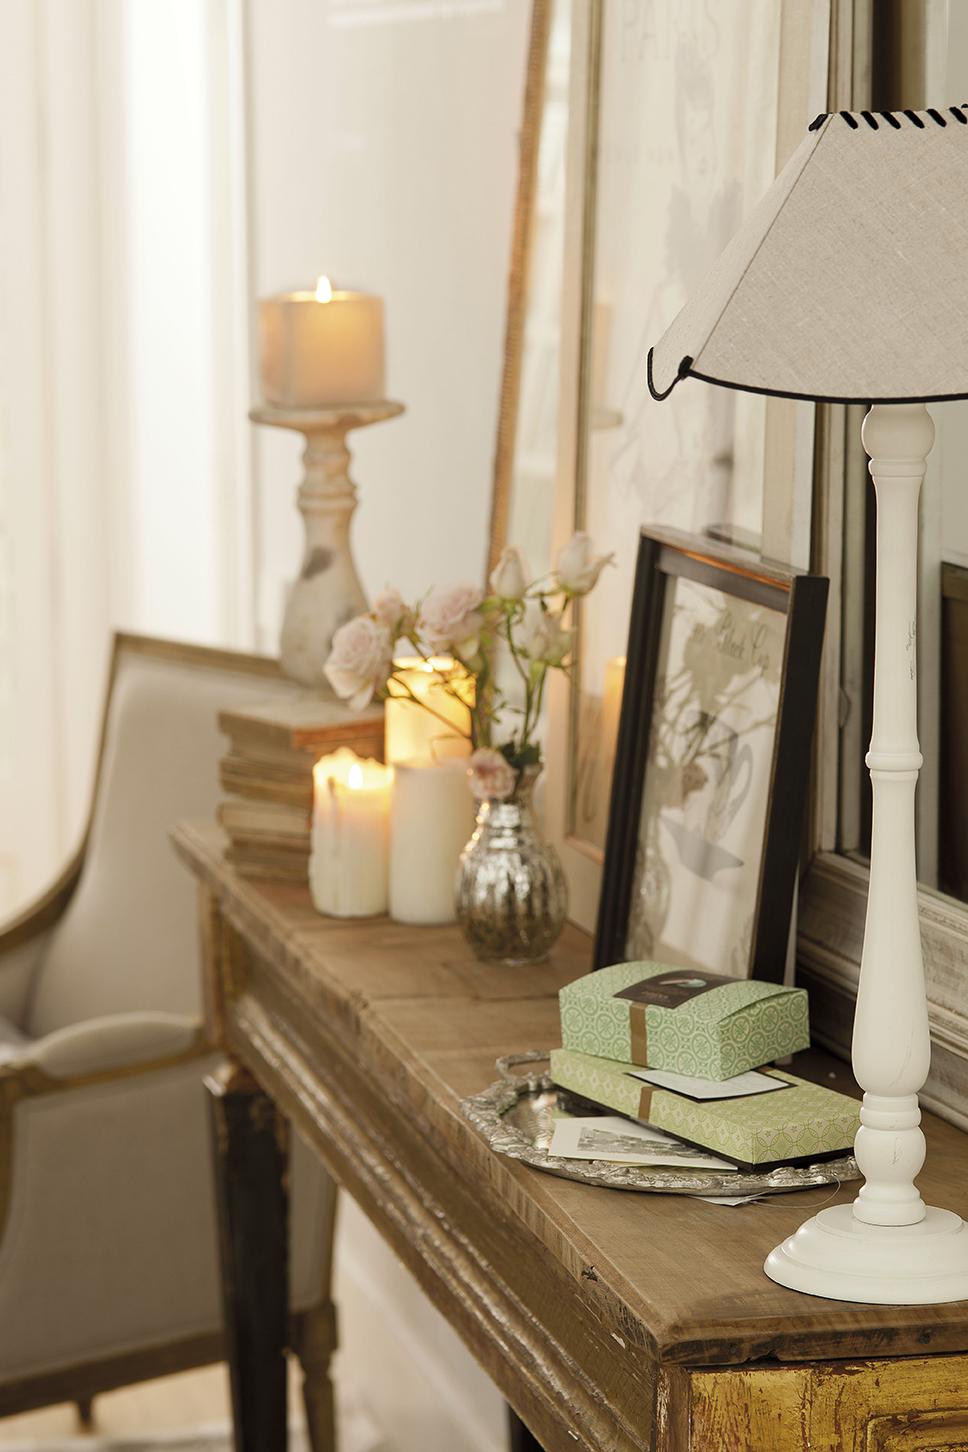 Hygge qu es y c mo decorar tu casa para ser m s feliz - Recibidores el mueble ...